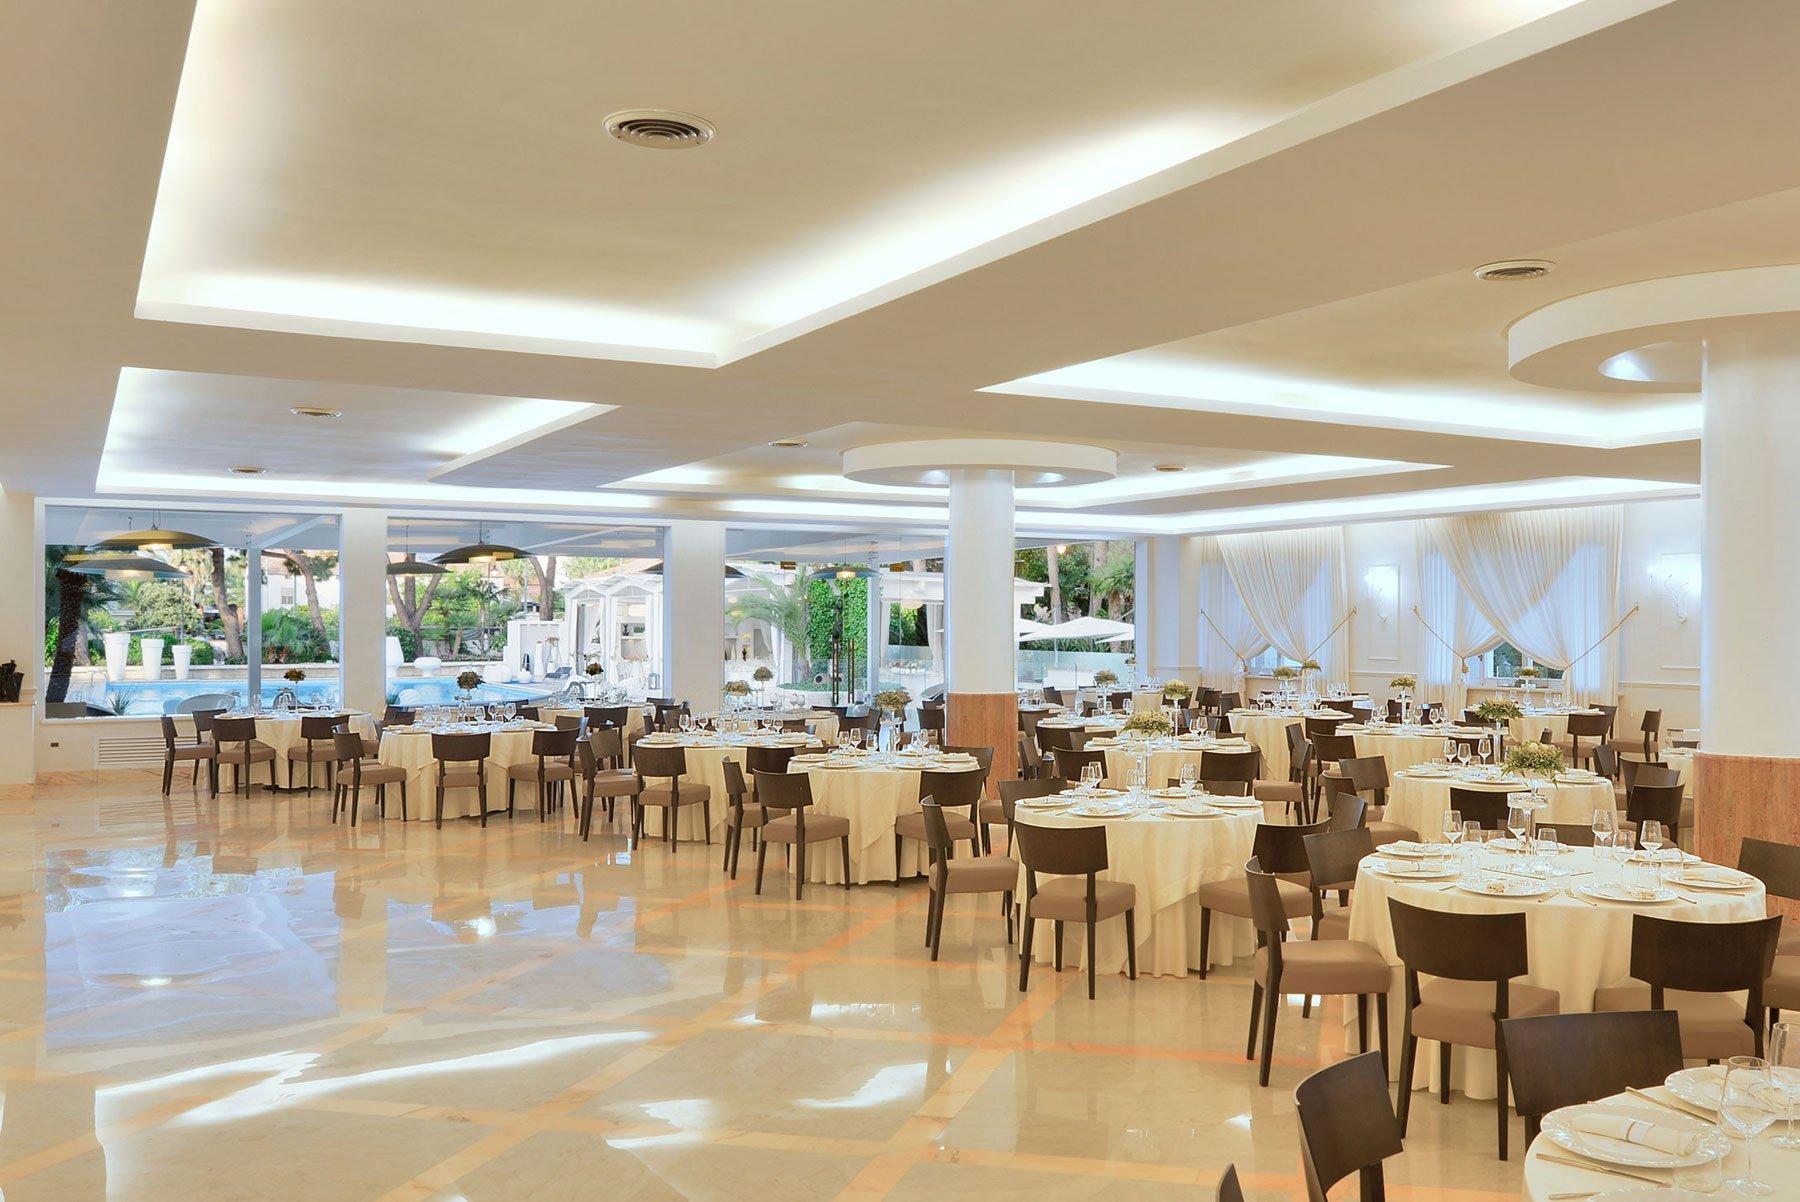 Dei tavoli con tovaglie bianche e delle sedie di color marrone